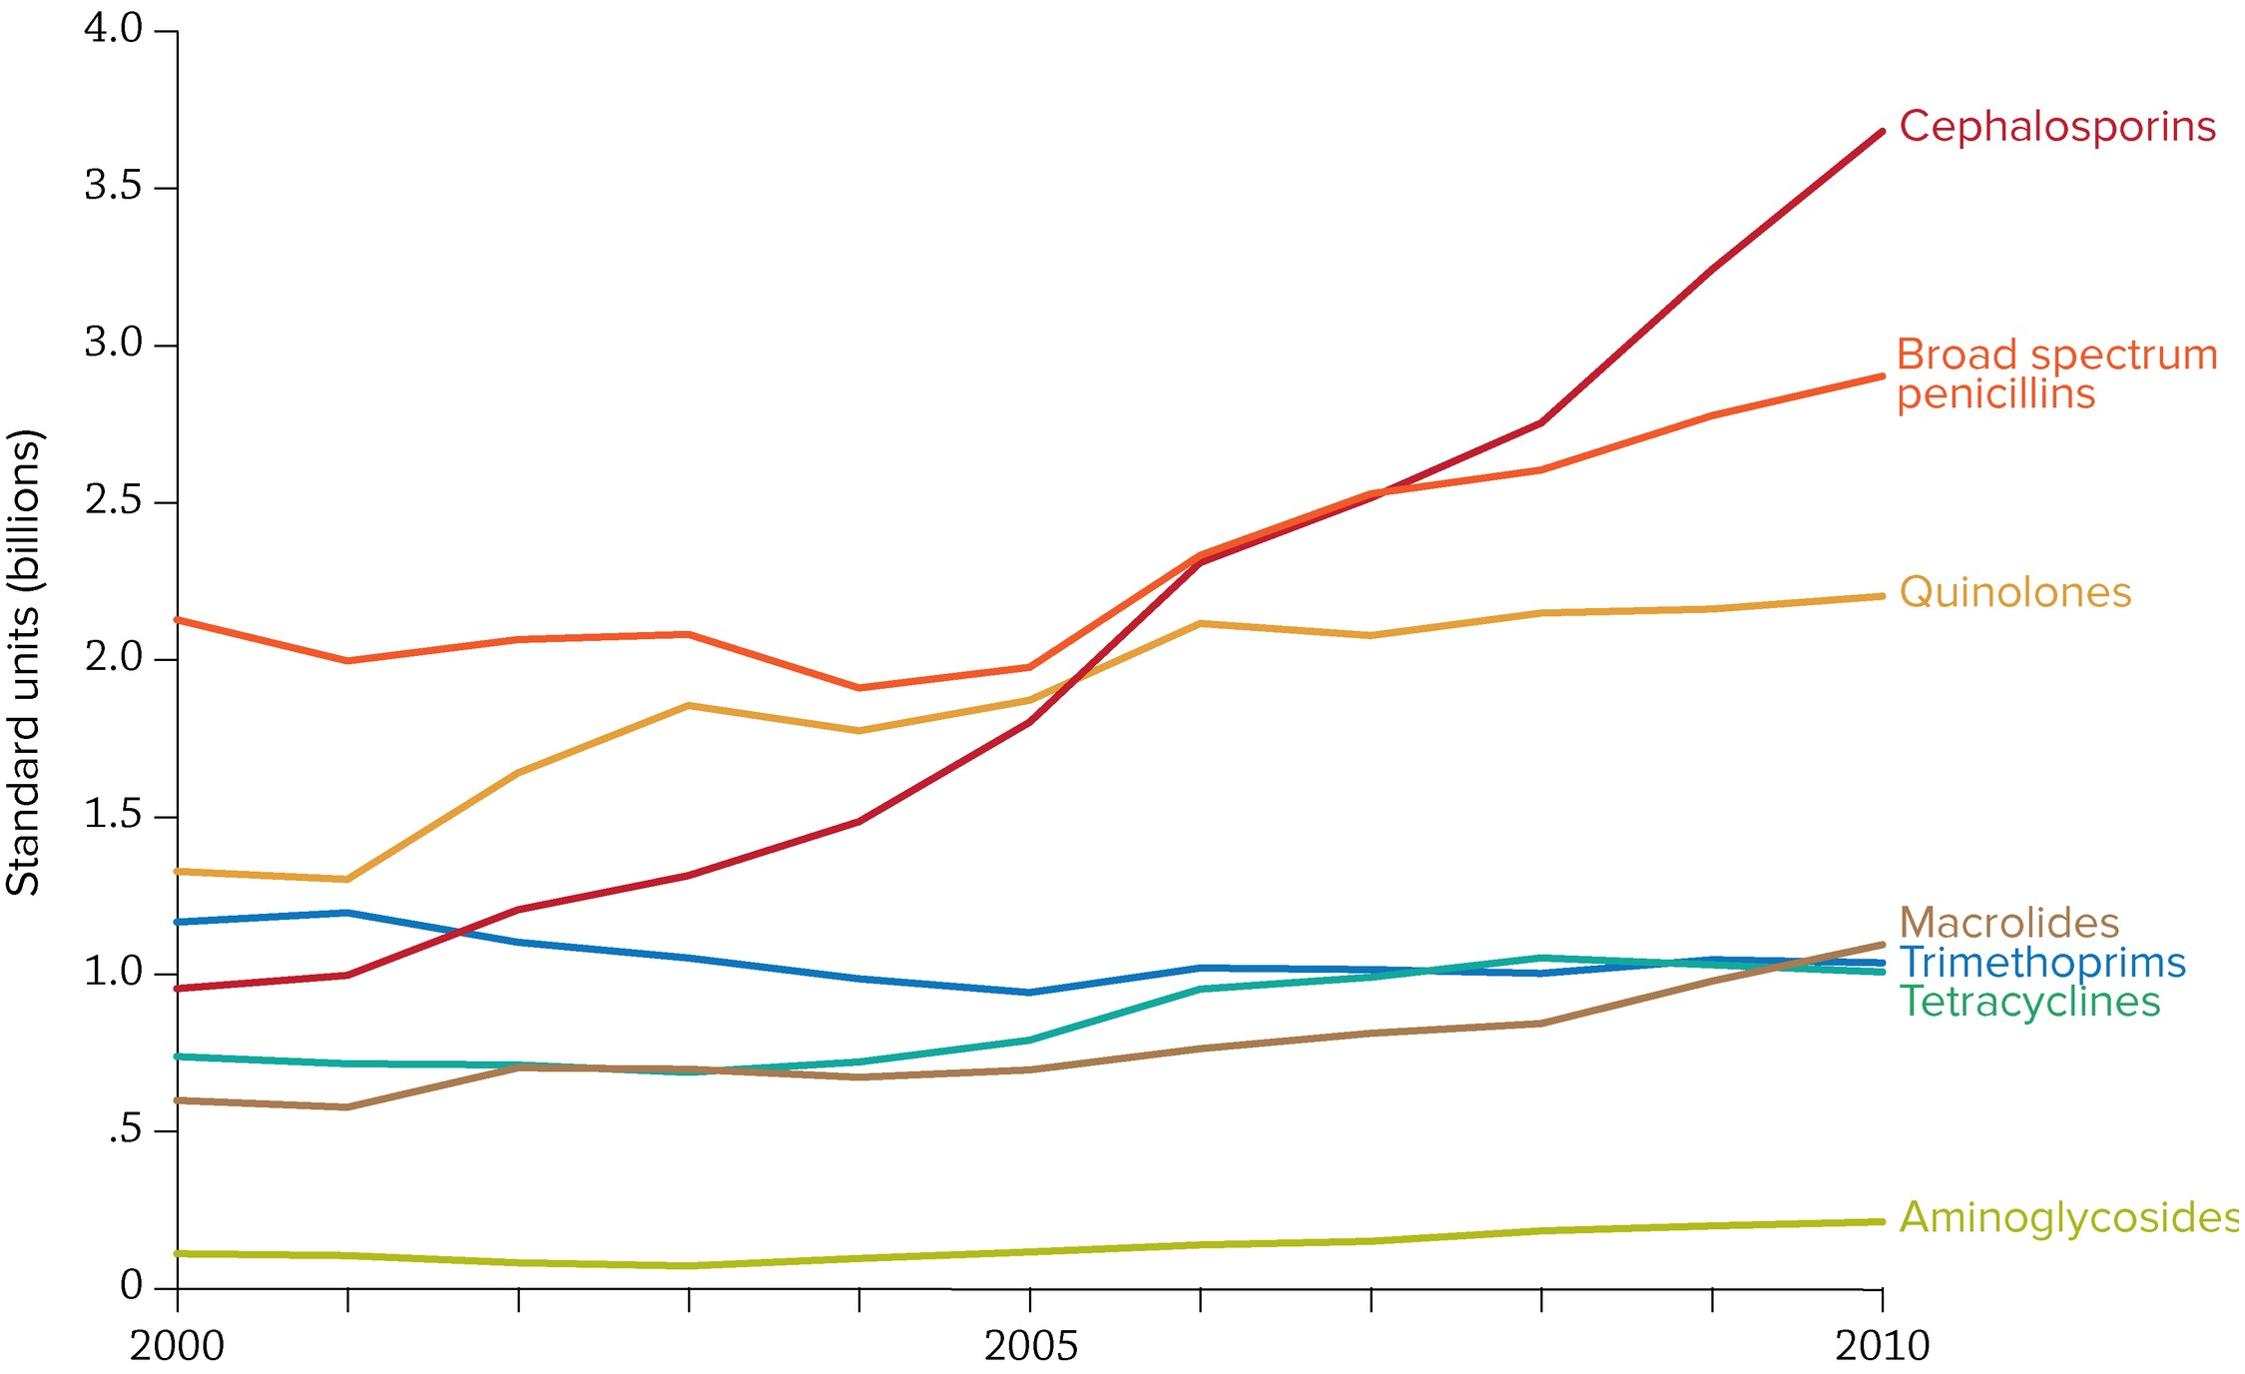 Trends in antibiotic consumption in India, 2000–2010.